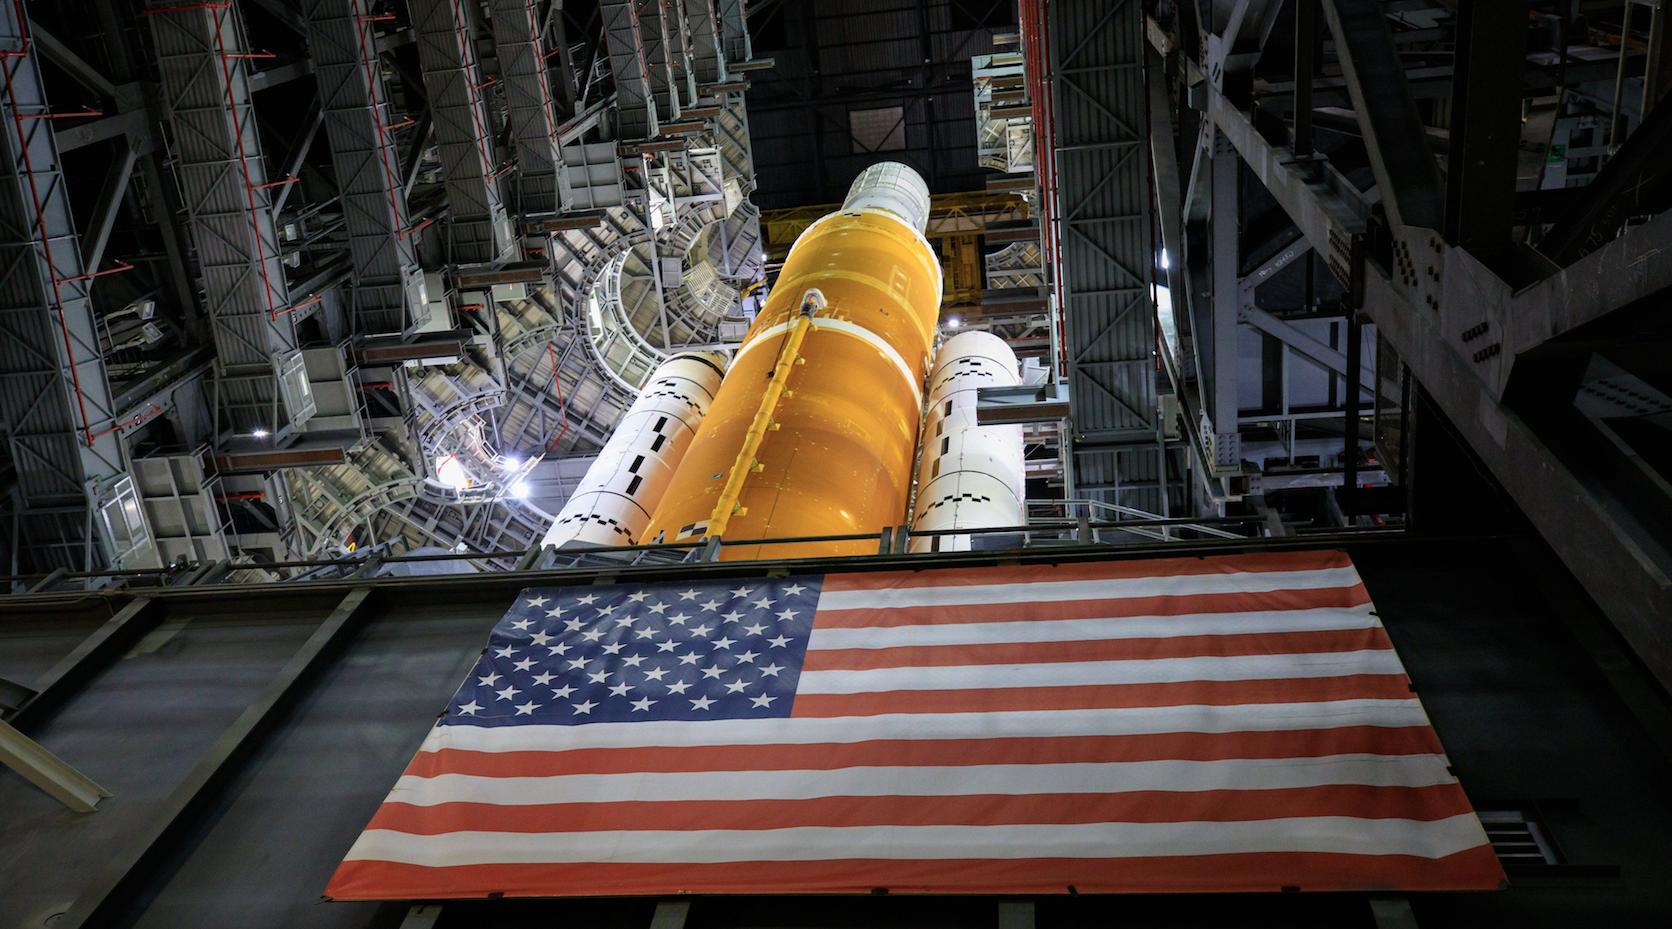 NASA revela imágenes del cohete más poderoso jamás construido: su destino, la Luna